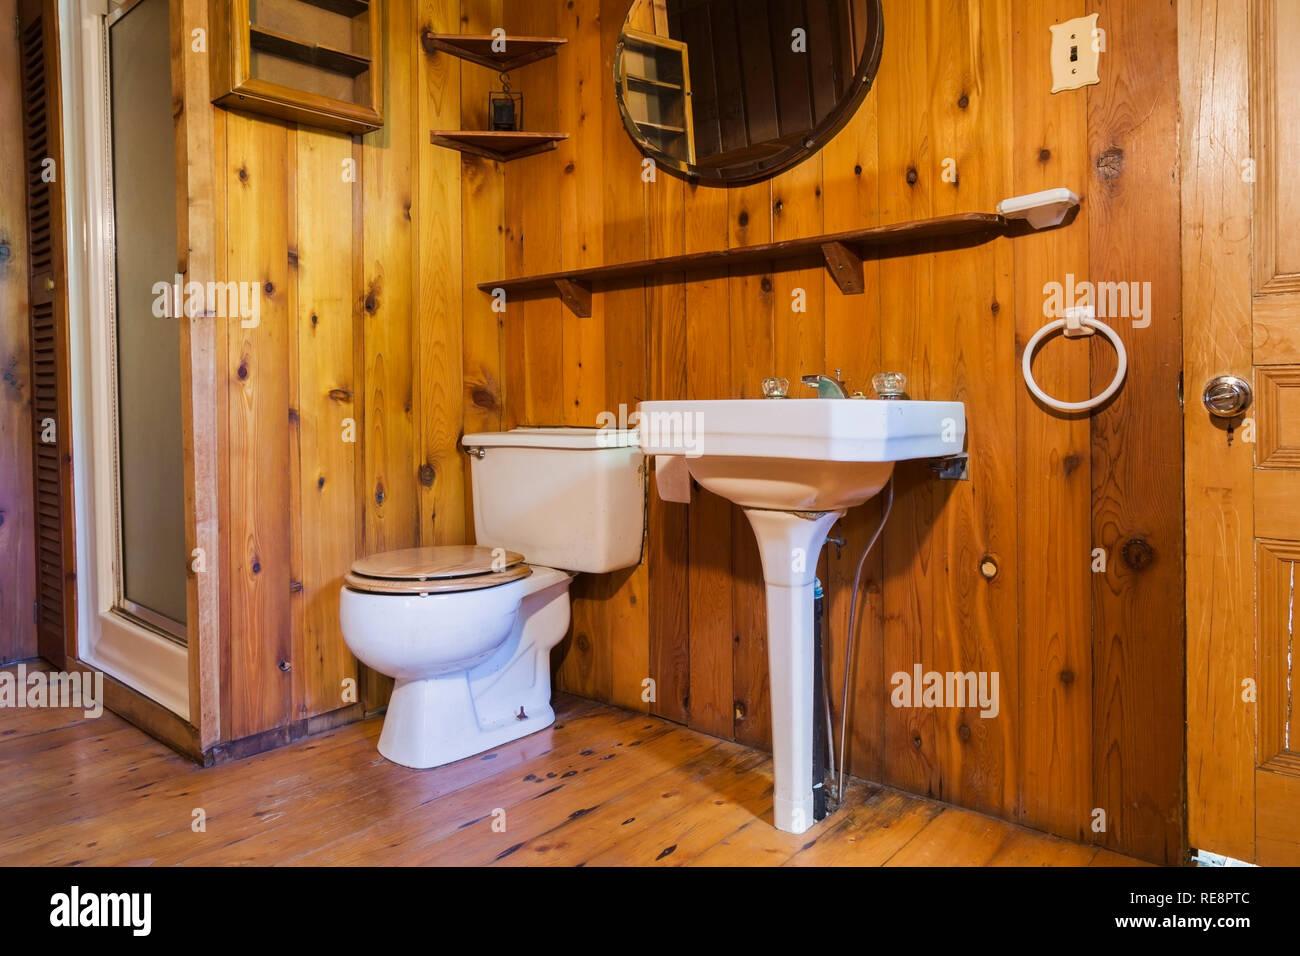 Lavabo sur pied blanc, toilettes et cabine de douche porte ...